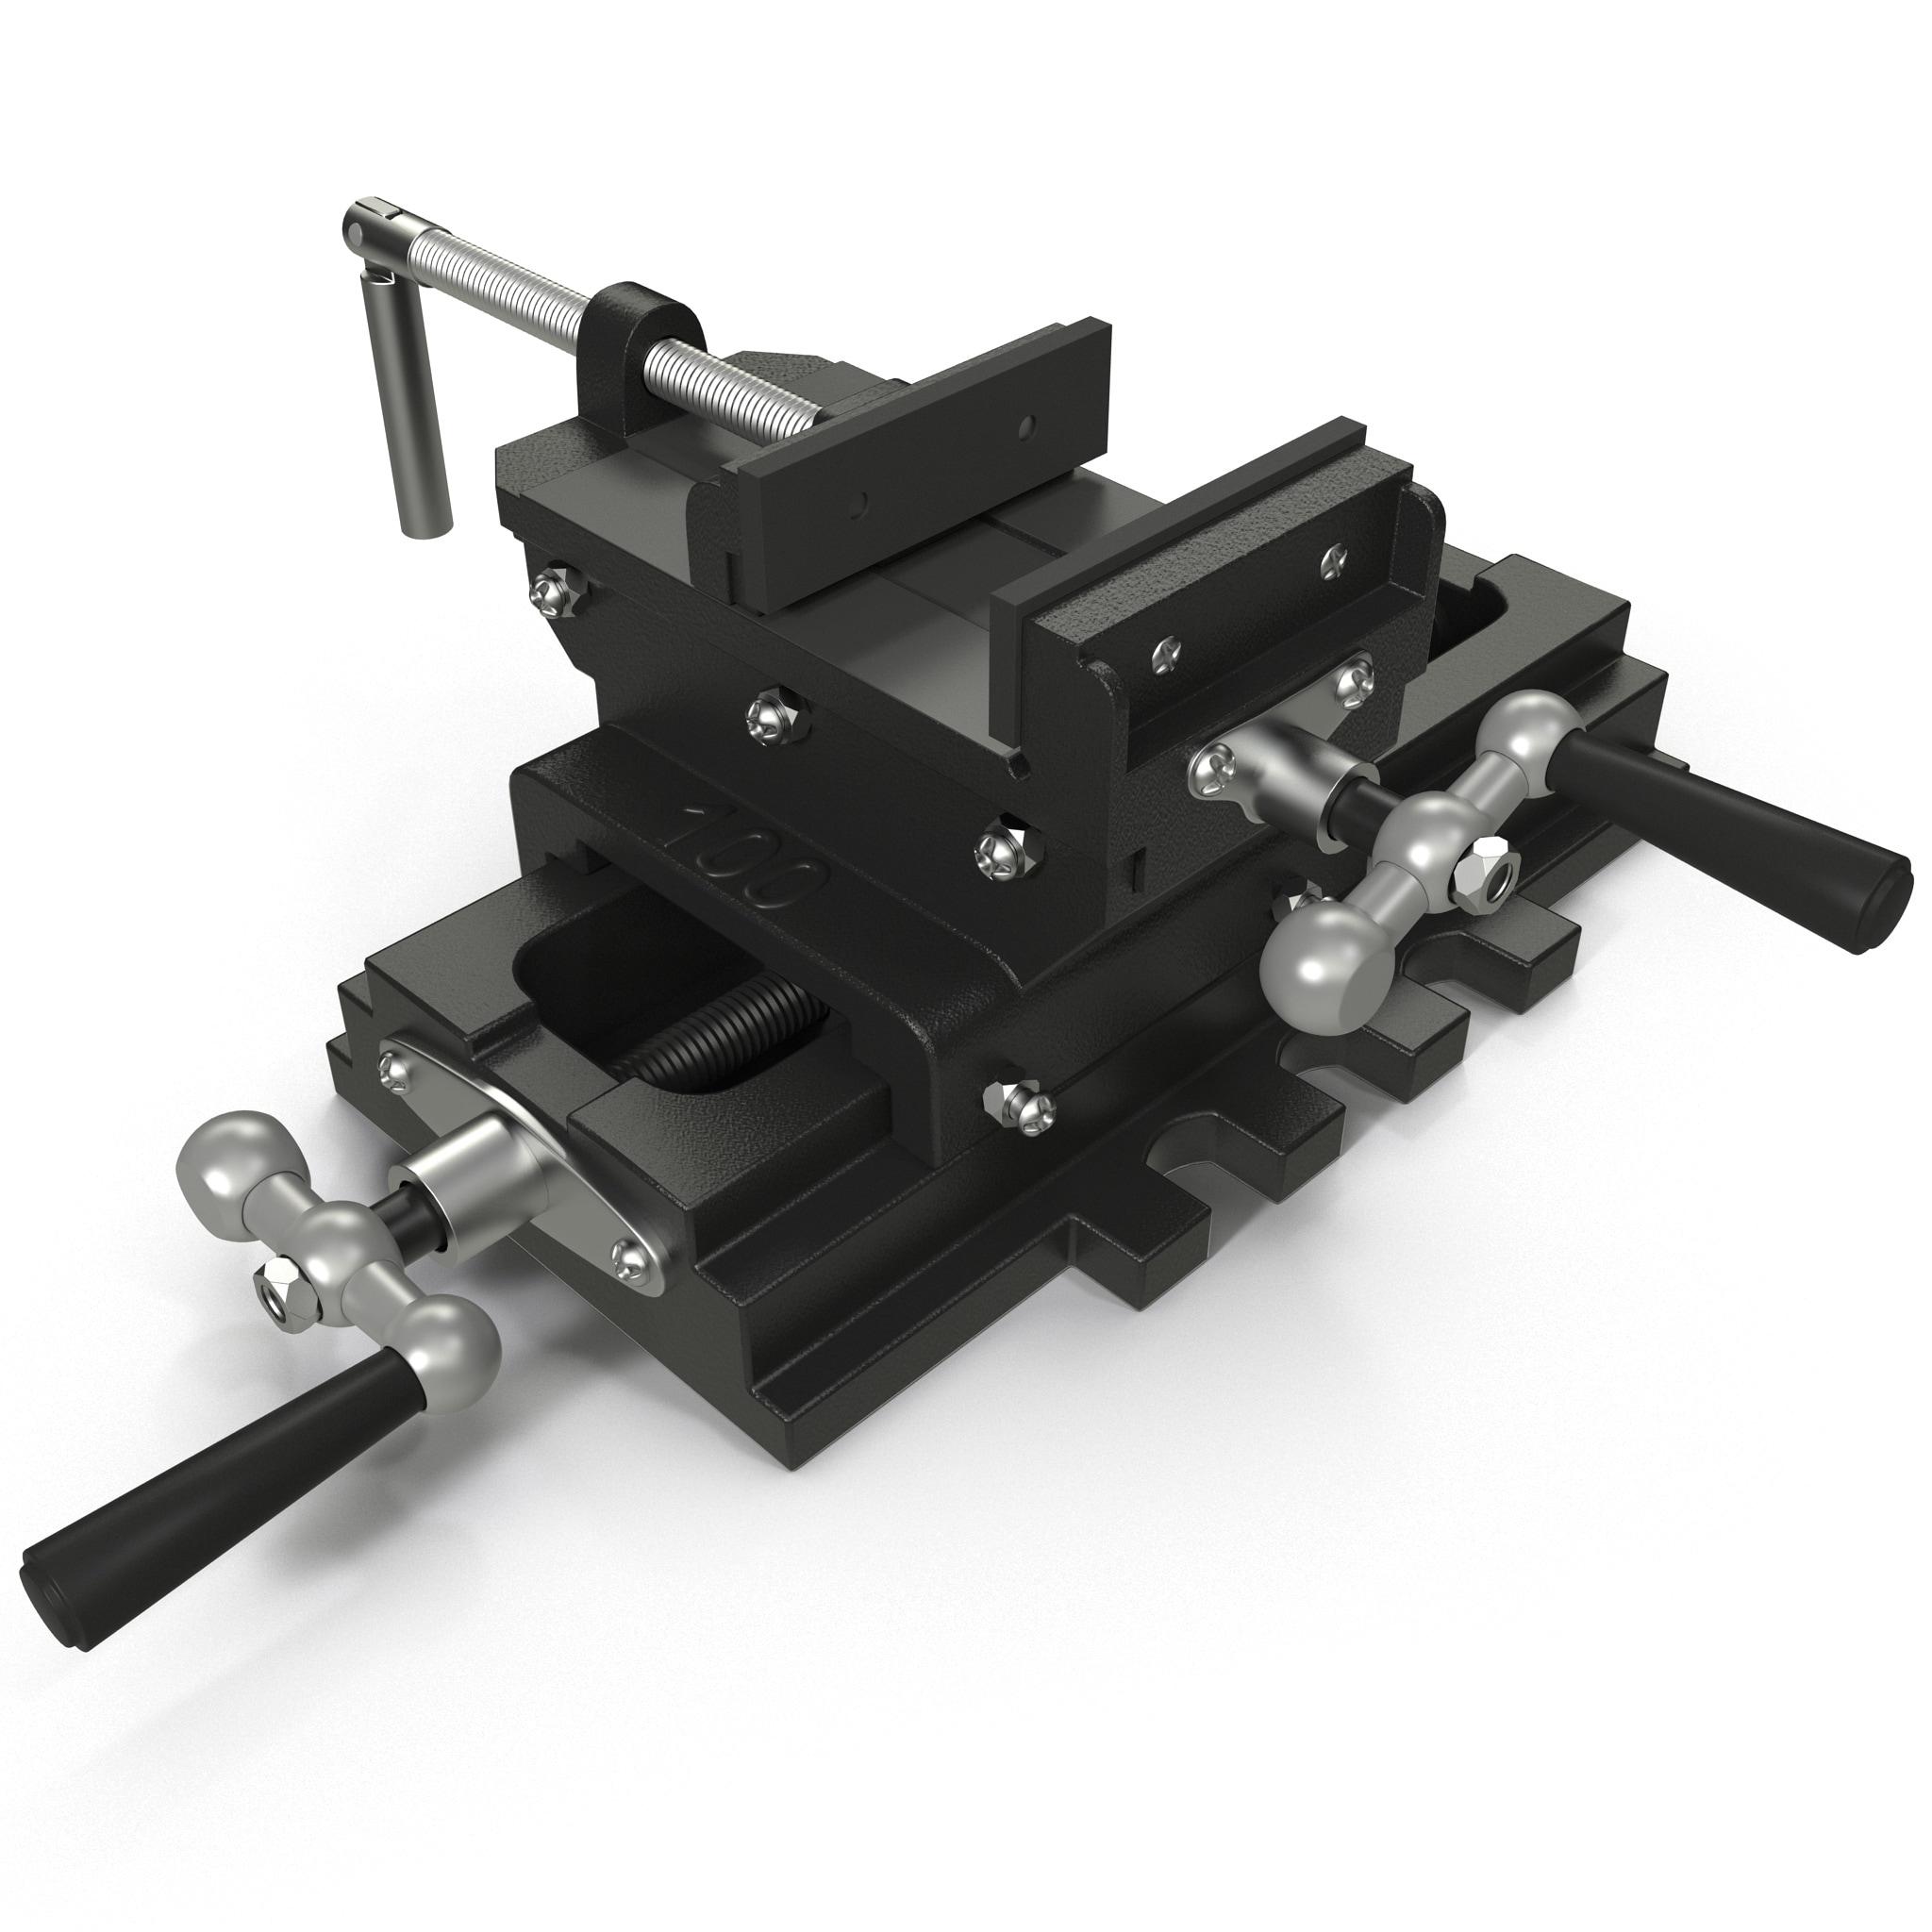 professional grade drill press 3ds